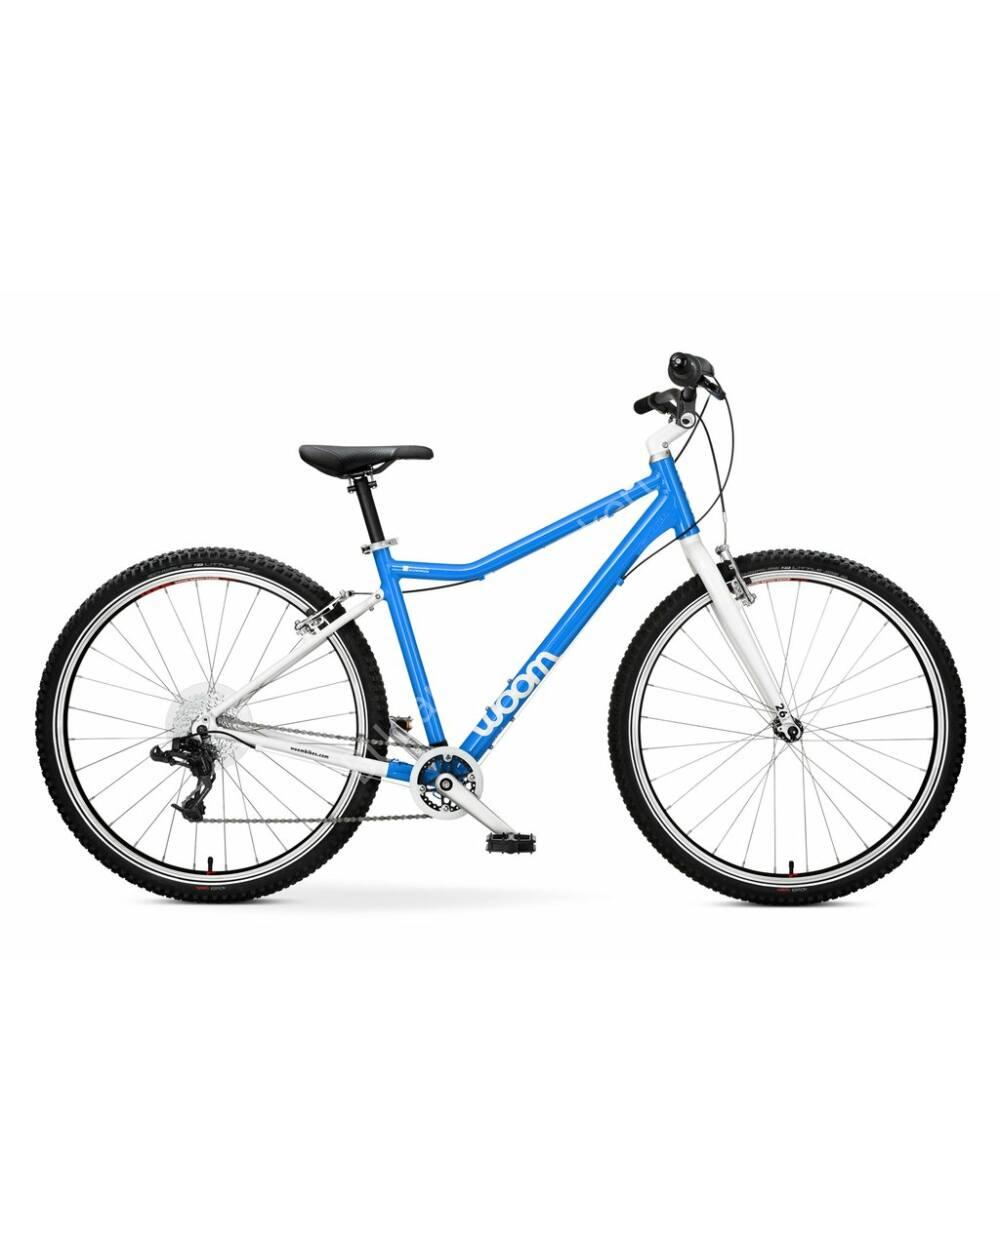 """Woom 6 kék 26"""" kerékpár, 140-165 cm testmagasság, 9.2 kg"""